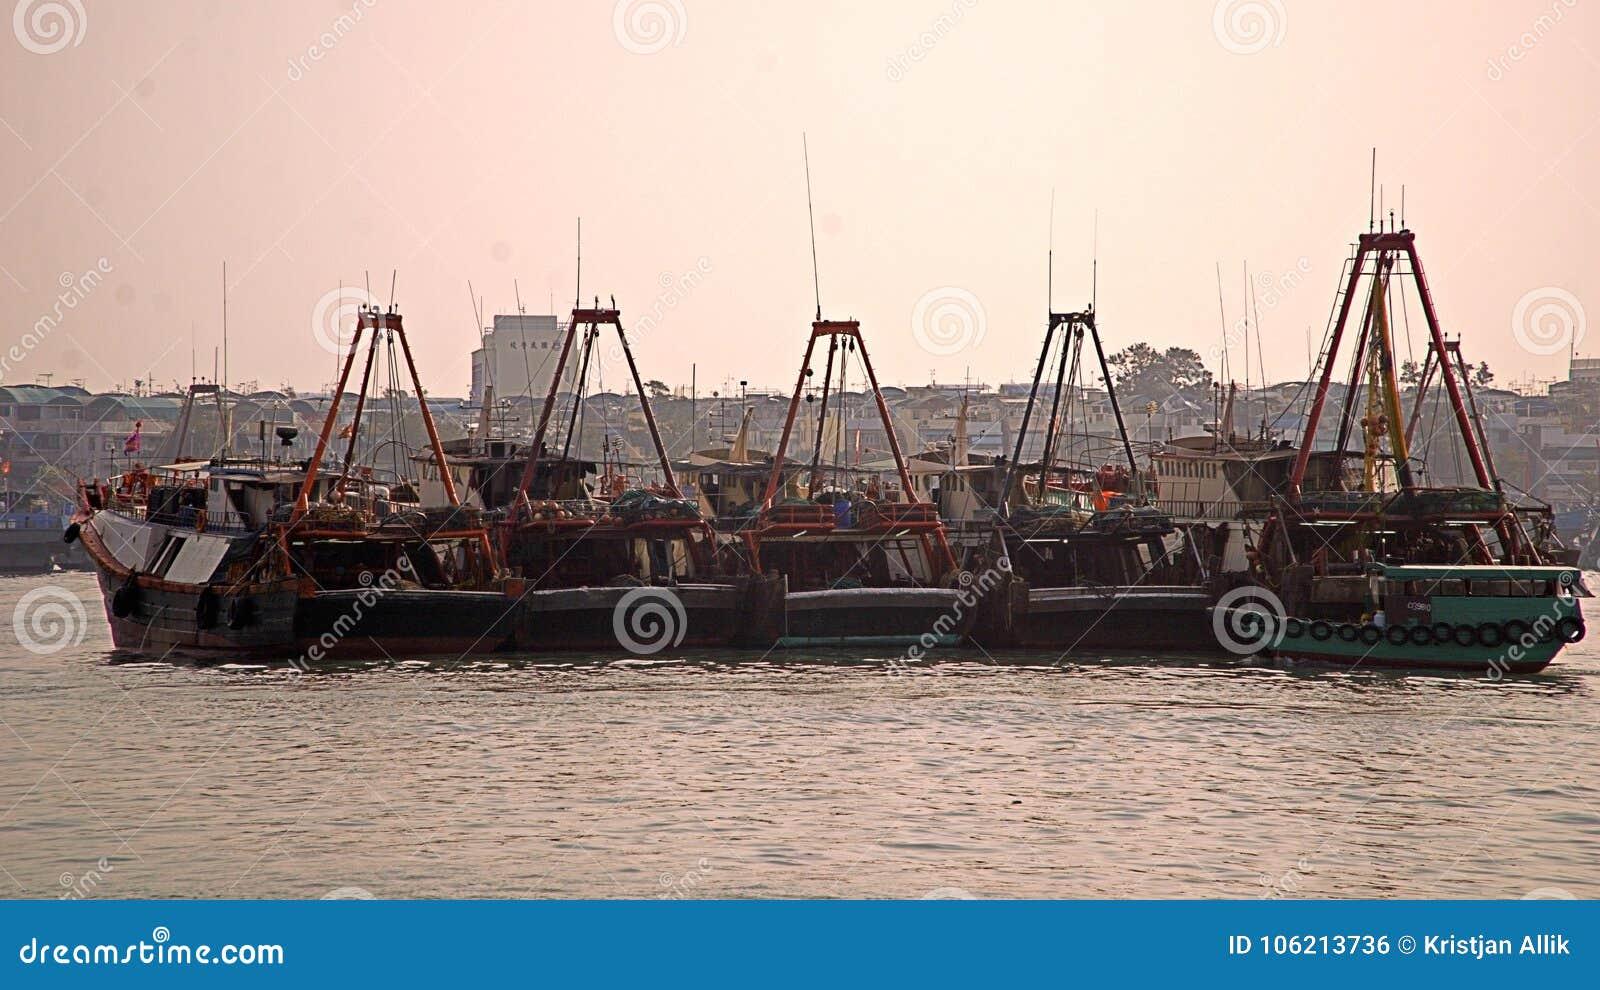 Docked Fischenschleppnetzfischer in Cheungs-chau